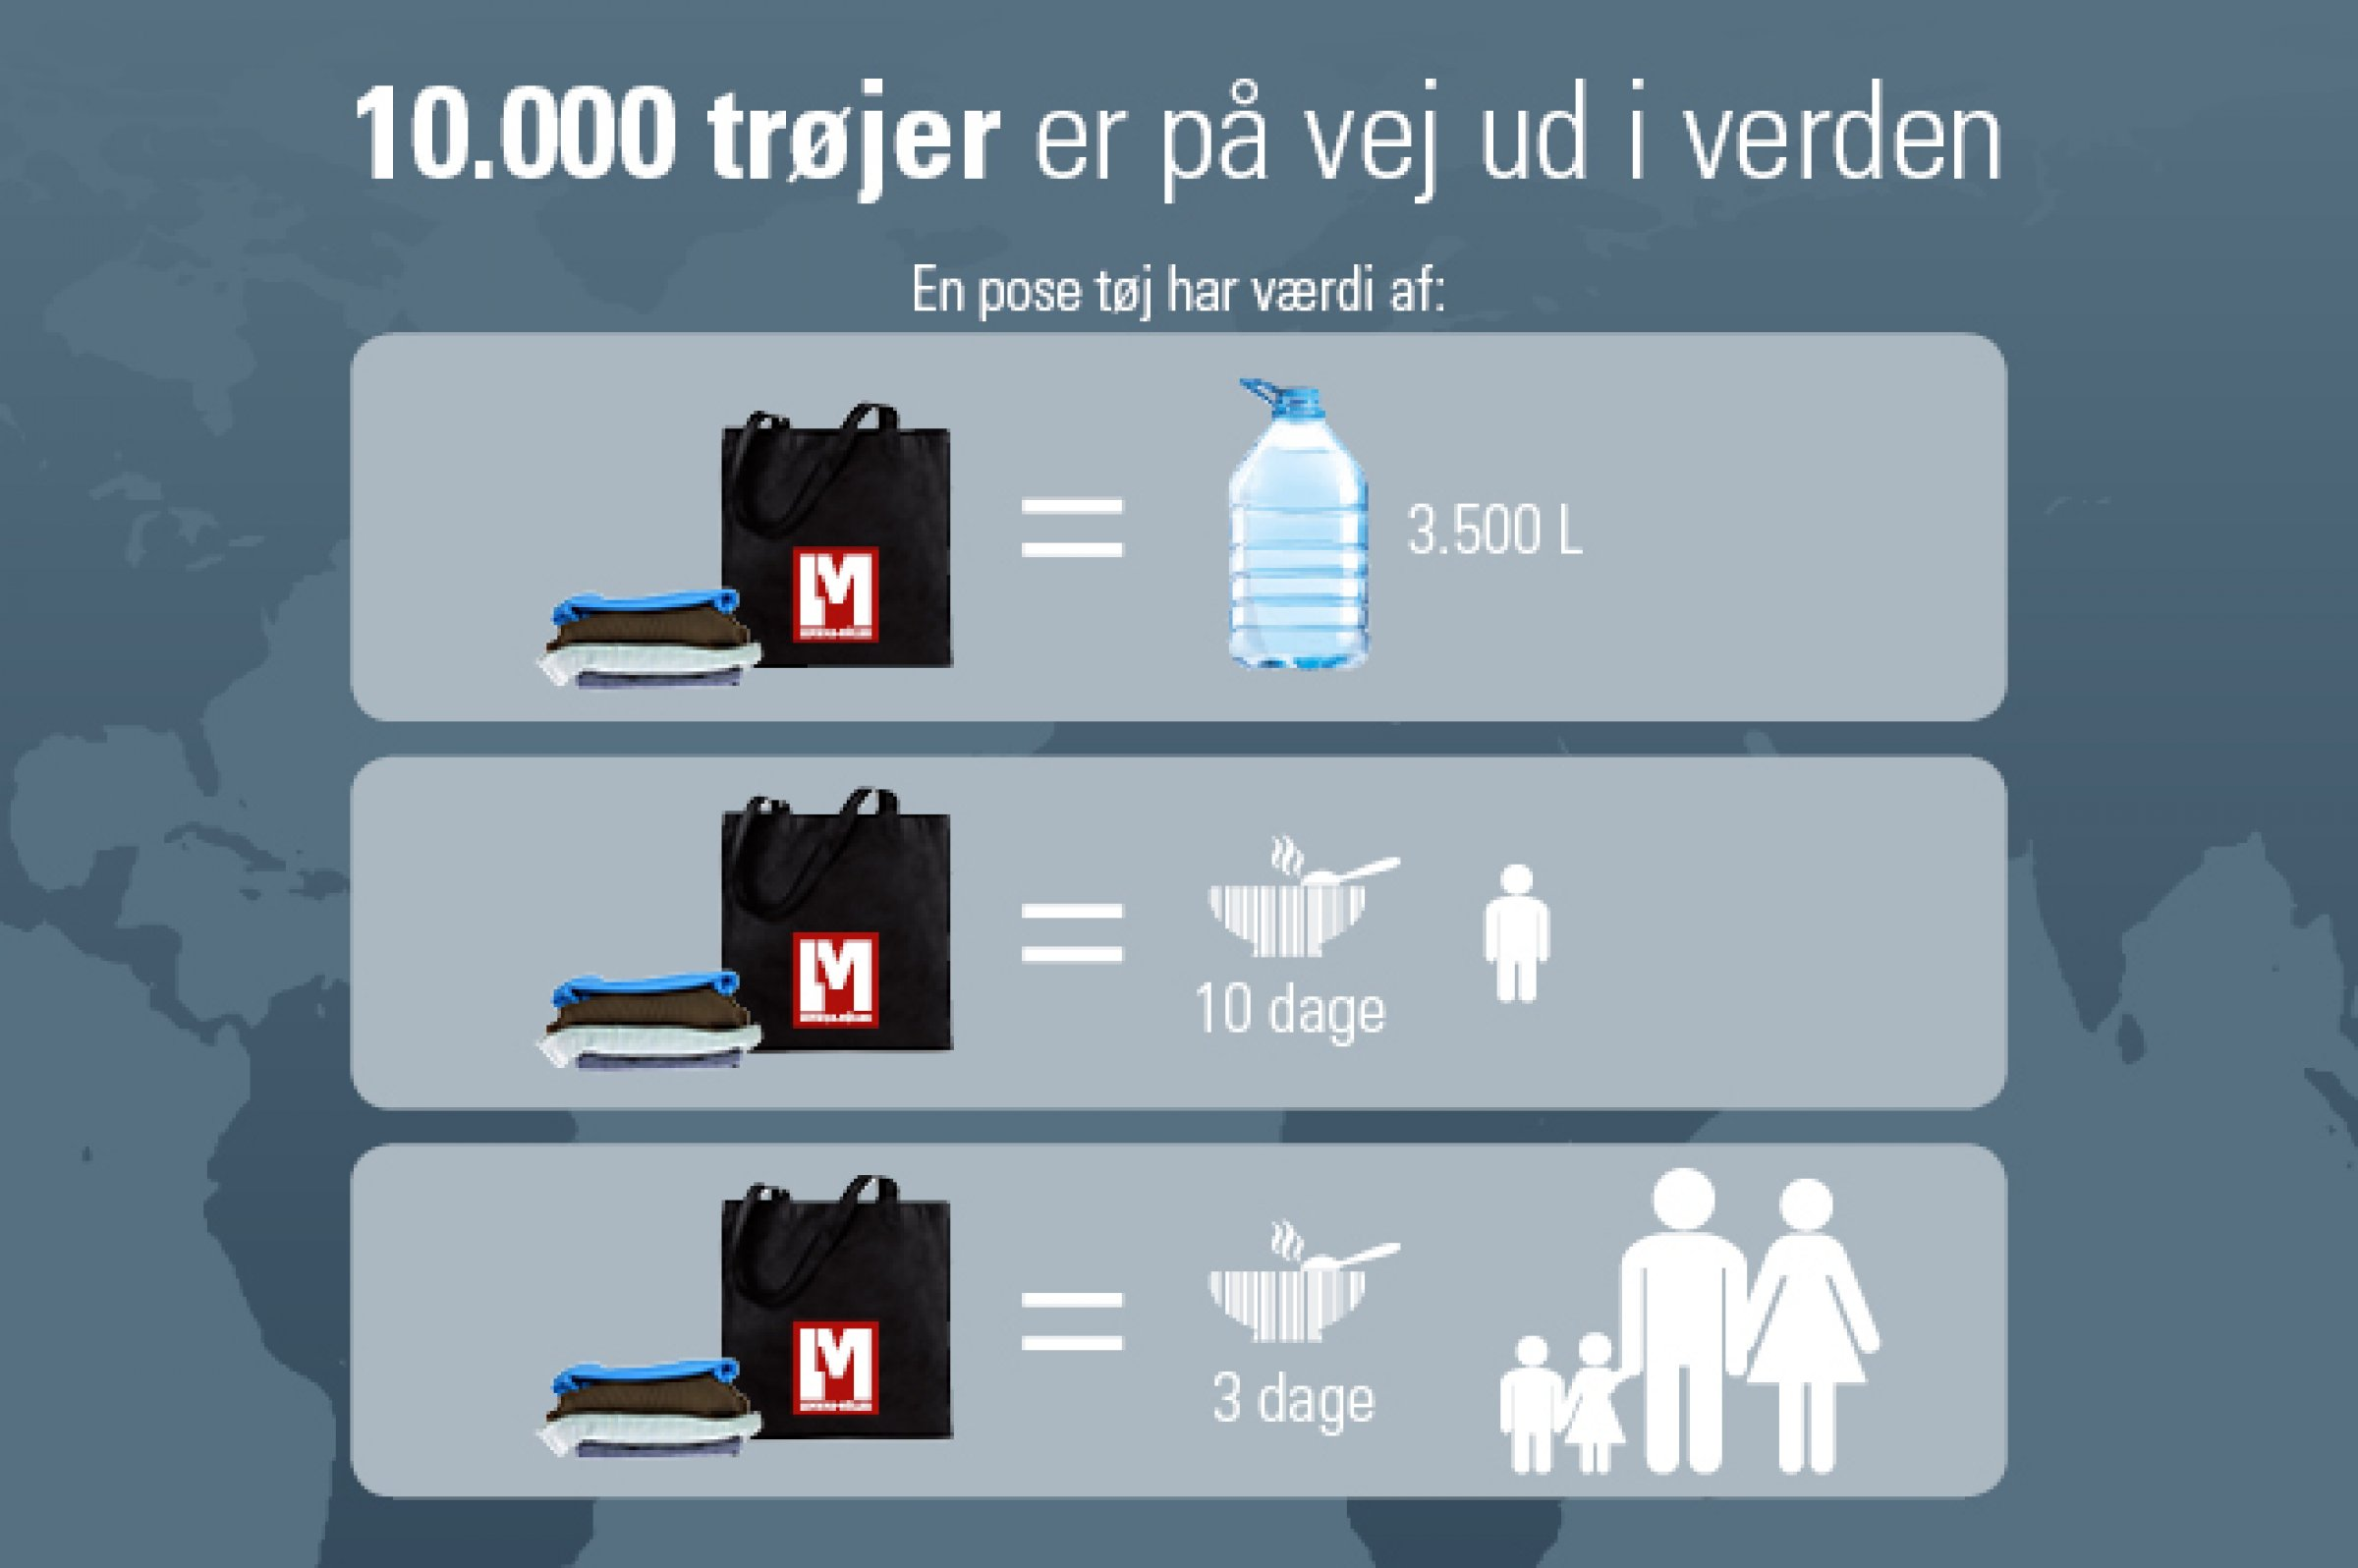 5b3e0284c67 'Smid tøjet'. Sådan lød det i april, da Røde Kors opfordrede danskerne til  at smide deres gamle eller ubrugte tøj til genbrug. Og opfordringen gav  genlyd ...